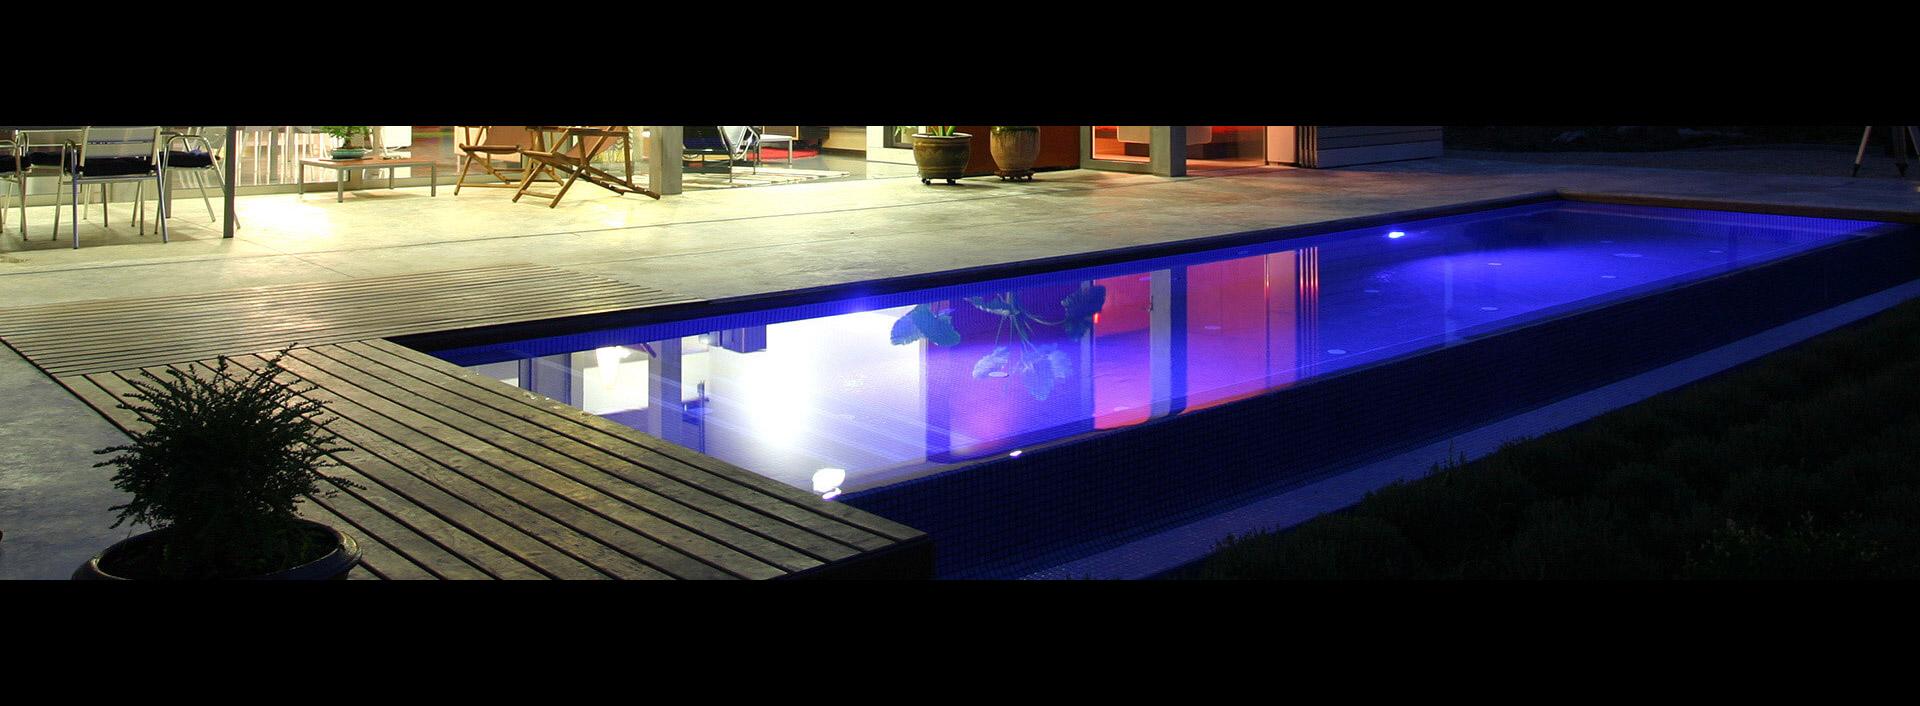 Manutenzione e accessori per piscine como milano lecco for Accessori piscine